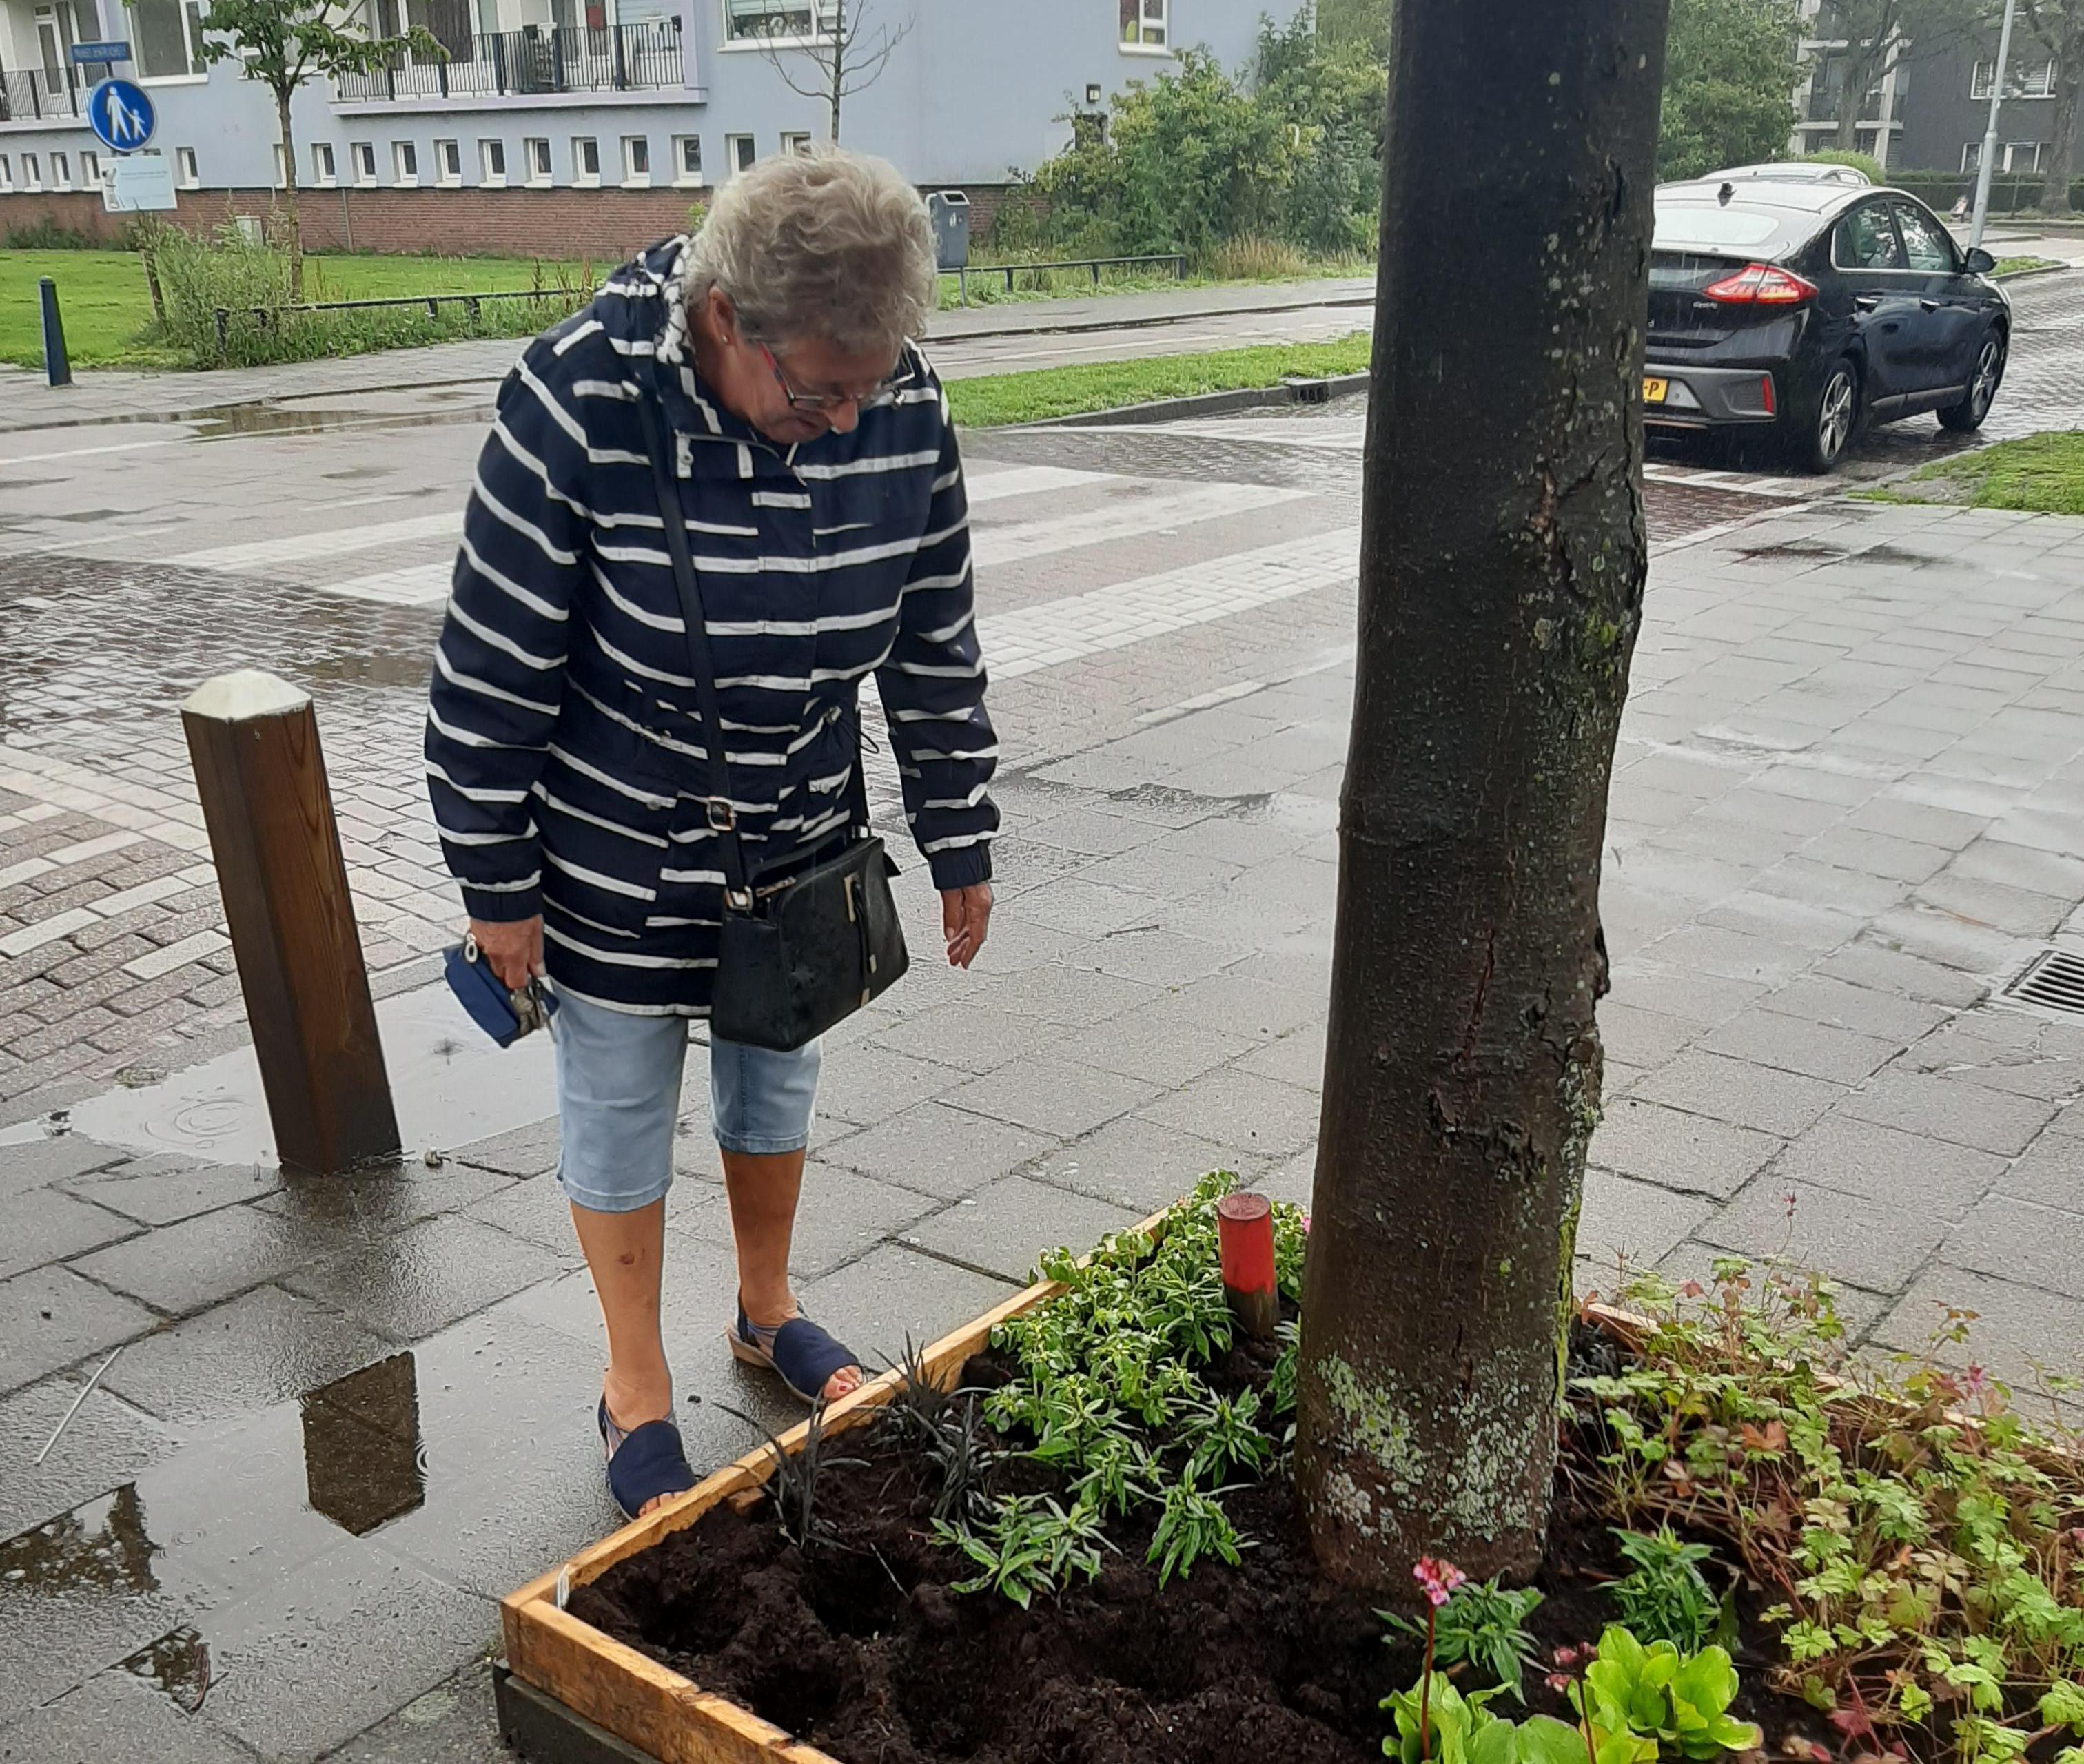 Plantenrover blijft toeslaan in Haarlem-Parkwijk: 'Zonde, want het was hartstikke mooi'